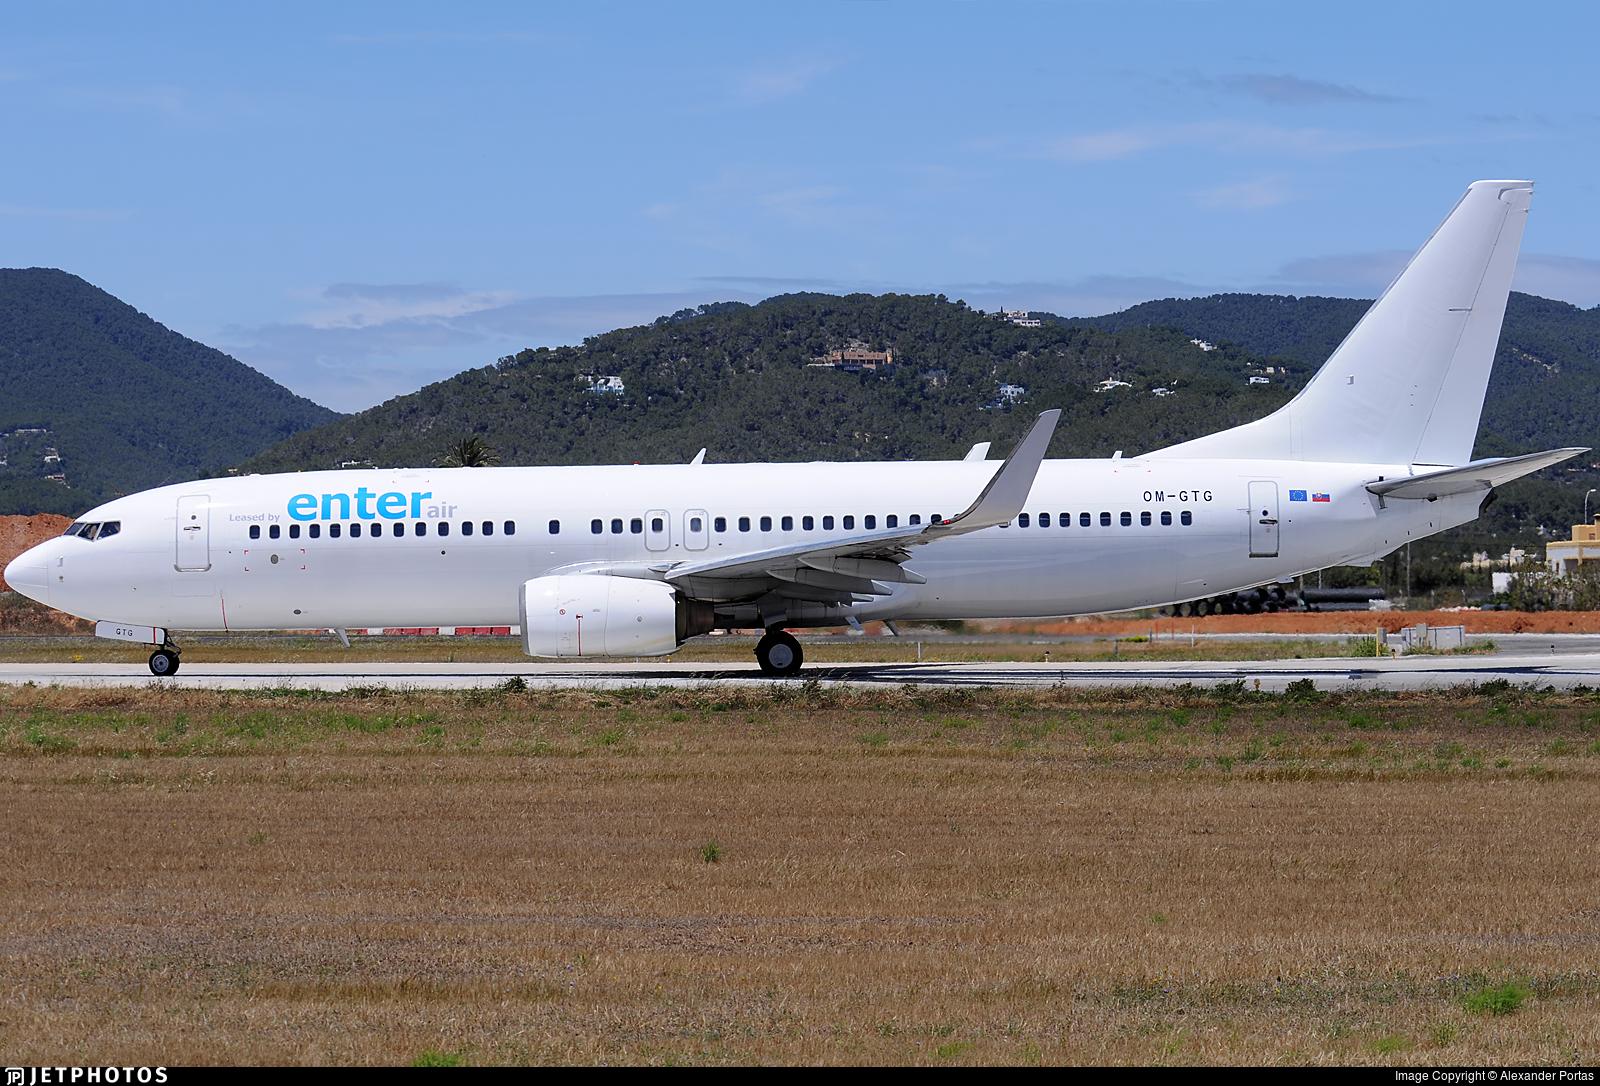 OM-GTG - Boeing 737-84P - Enter Air (Go2Sky)